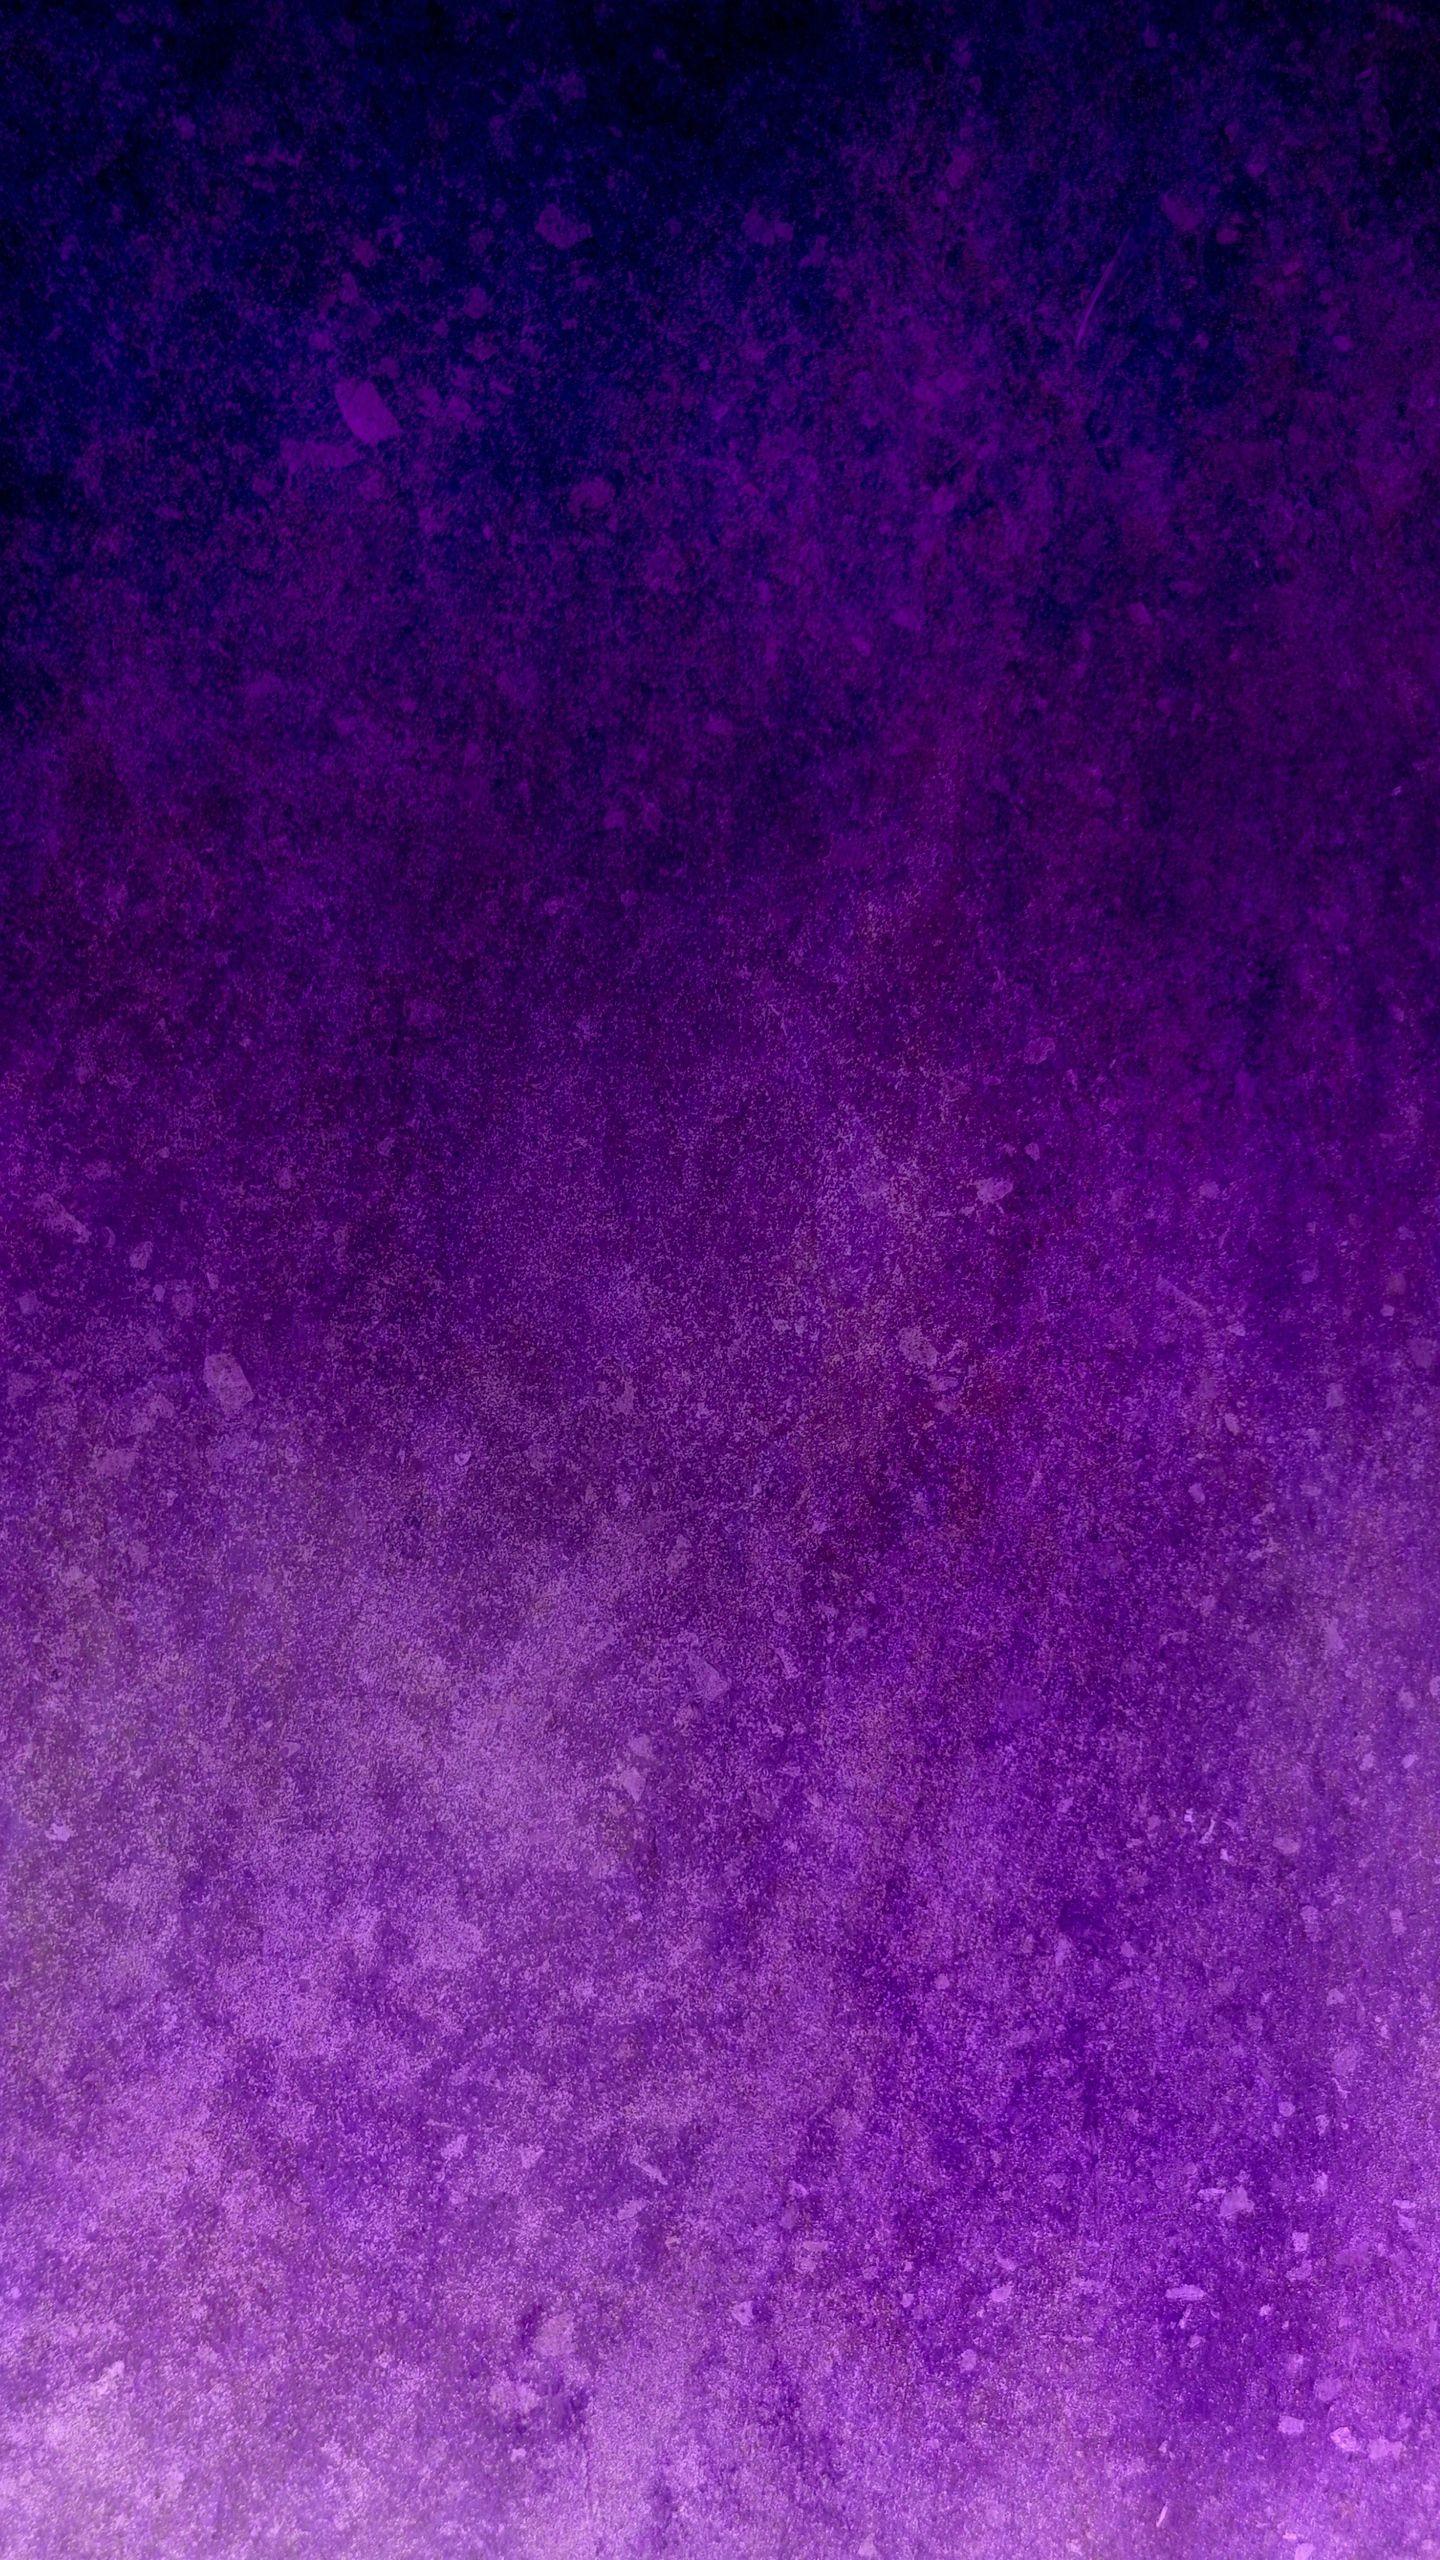 Cute おしゃれまとめの人気アイデア Pinterest Lucy M Markotter 背景 紫 紫色の背景 紫色の壁紙